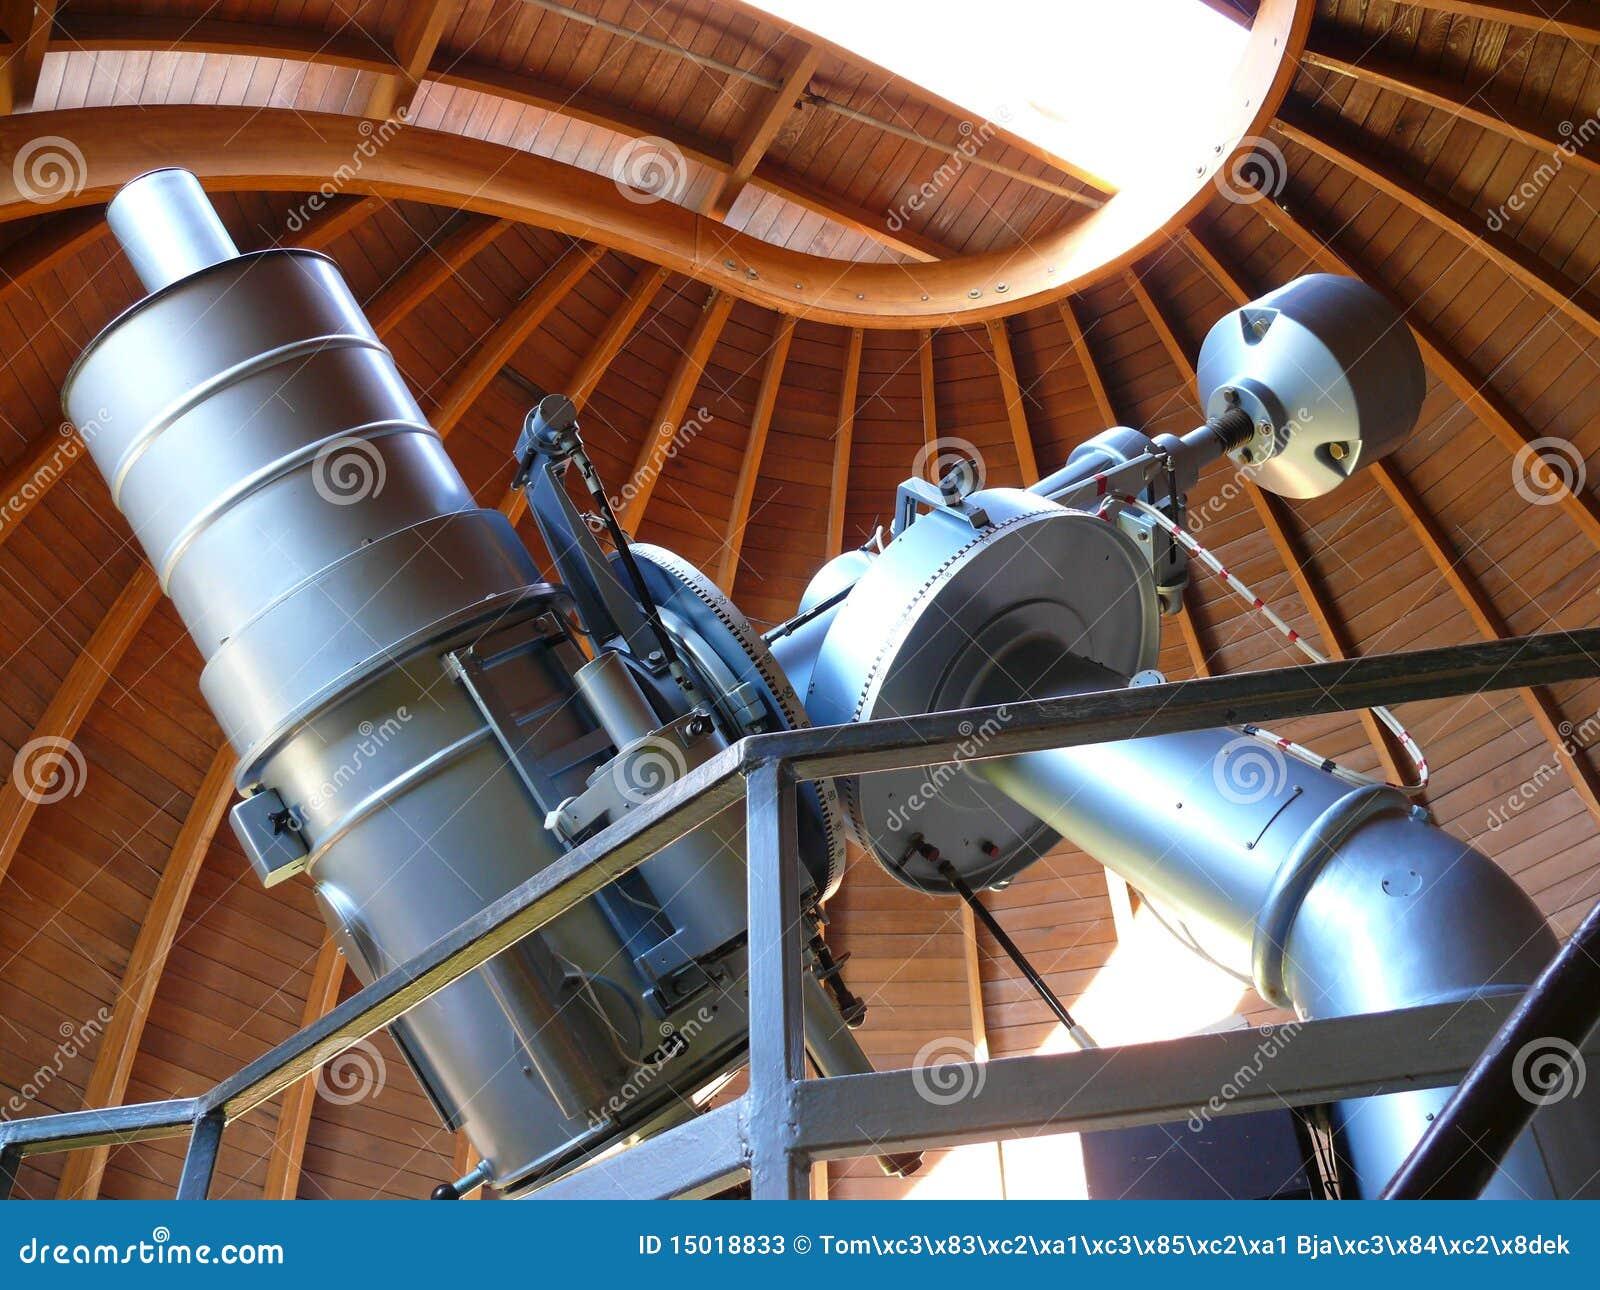 Astronomisches teleskop stockbild bild von haube astronomie